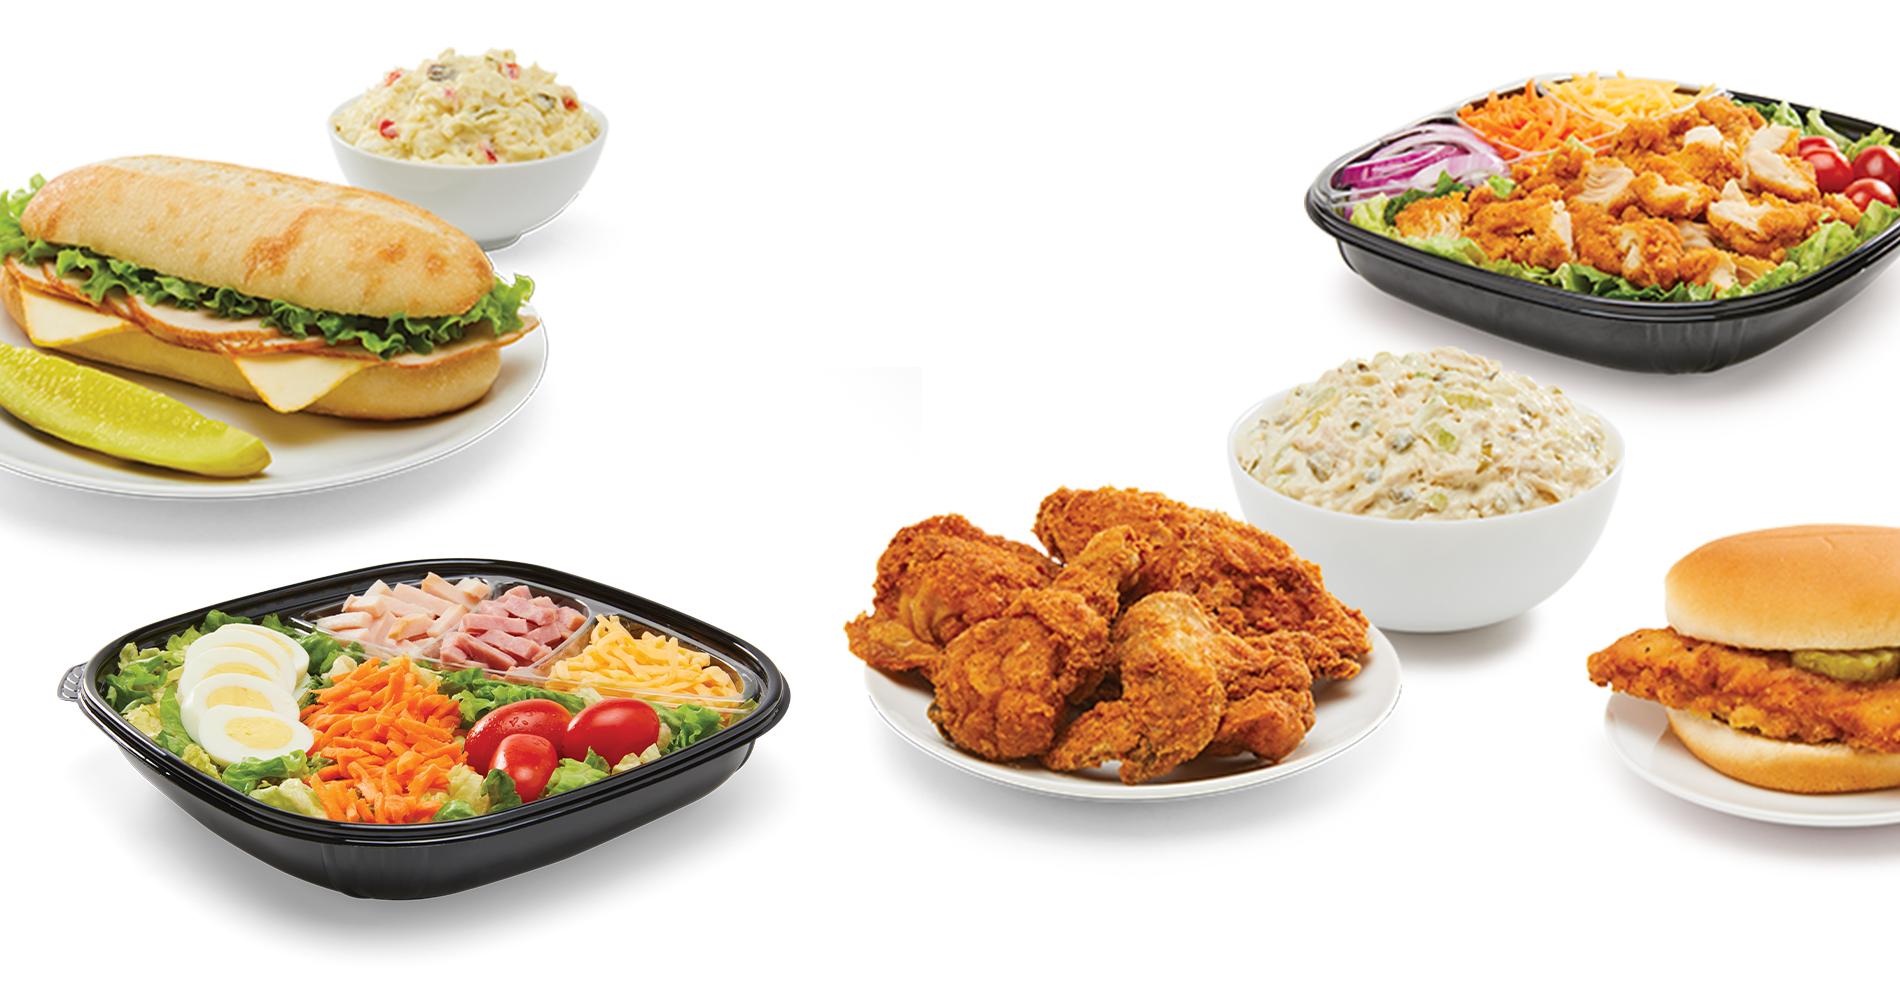 sub sandwich, deli salads, fresh salads, fried chicken, and chicken sandwich